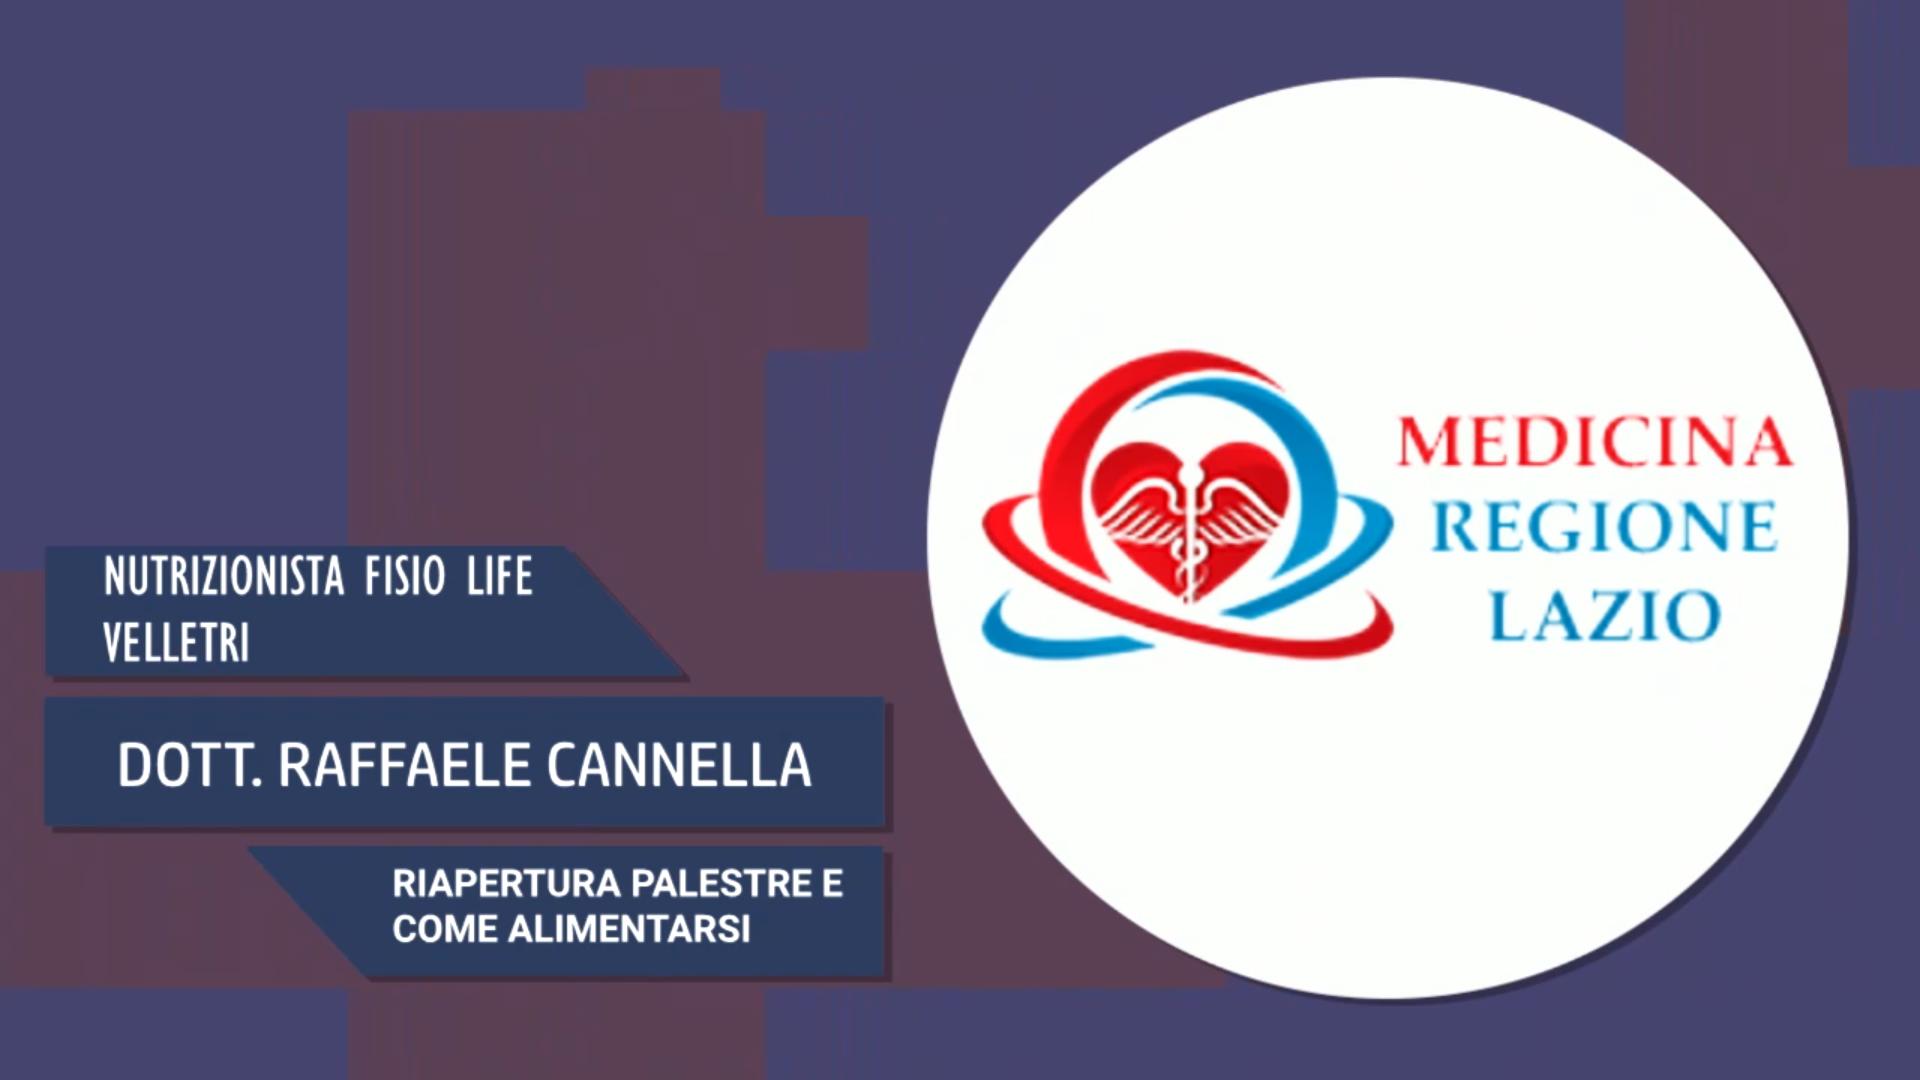 Intervista al Dott. Raffaele Cannella – Riapertura palestre e come alimentarsi